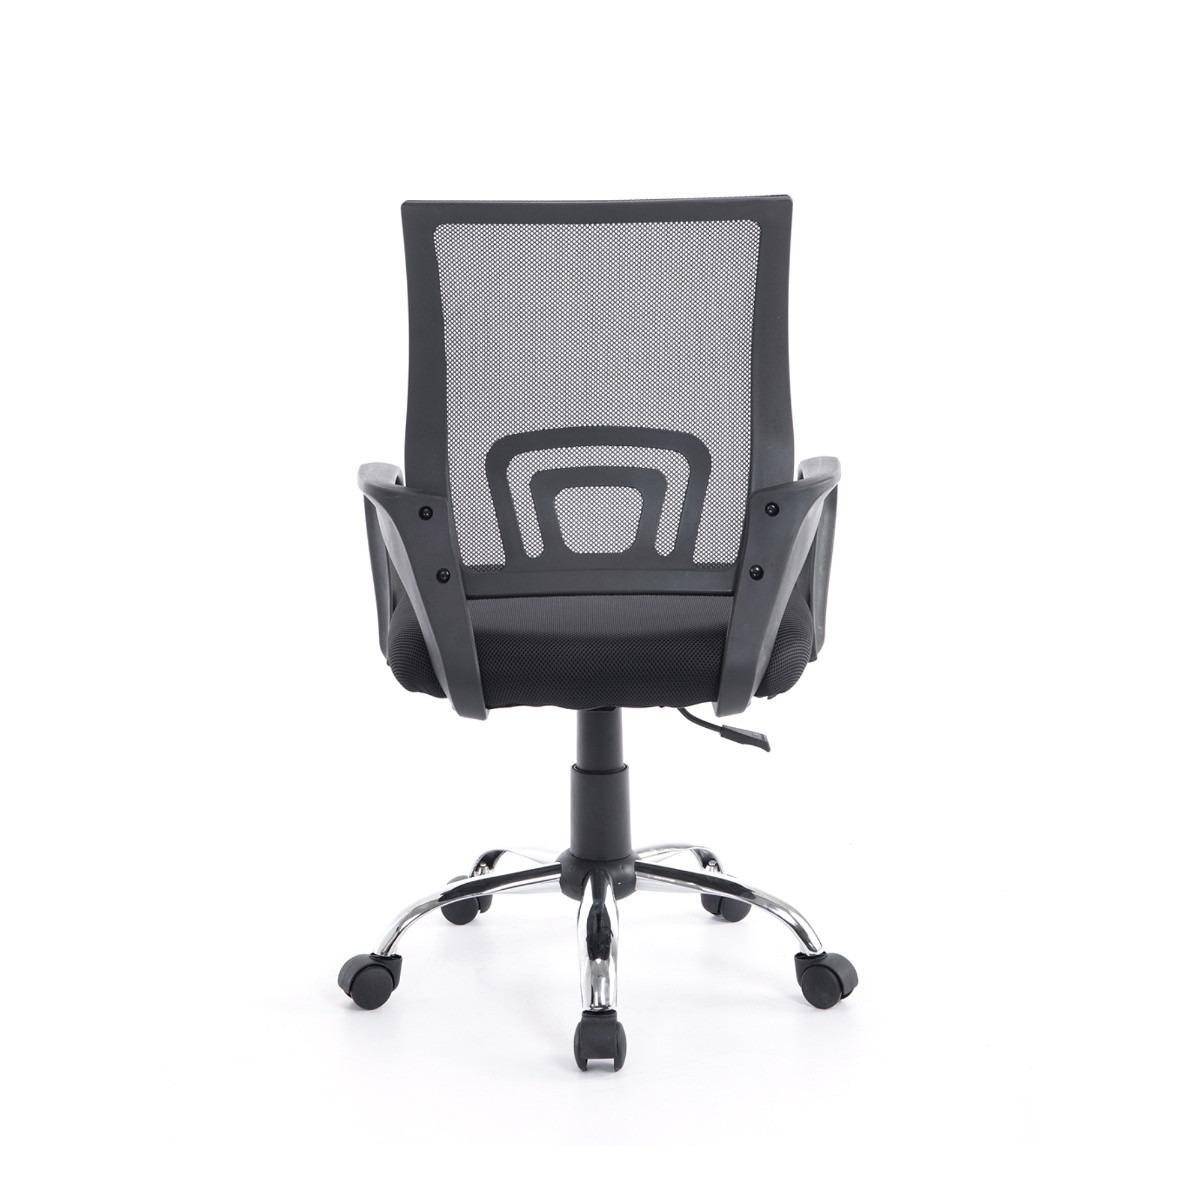 Cadeira Office Giratória Mesh Executiva Preta Bluecase - BCH-59BK